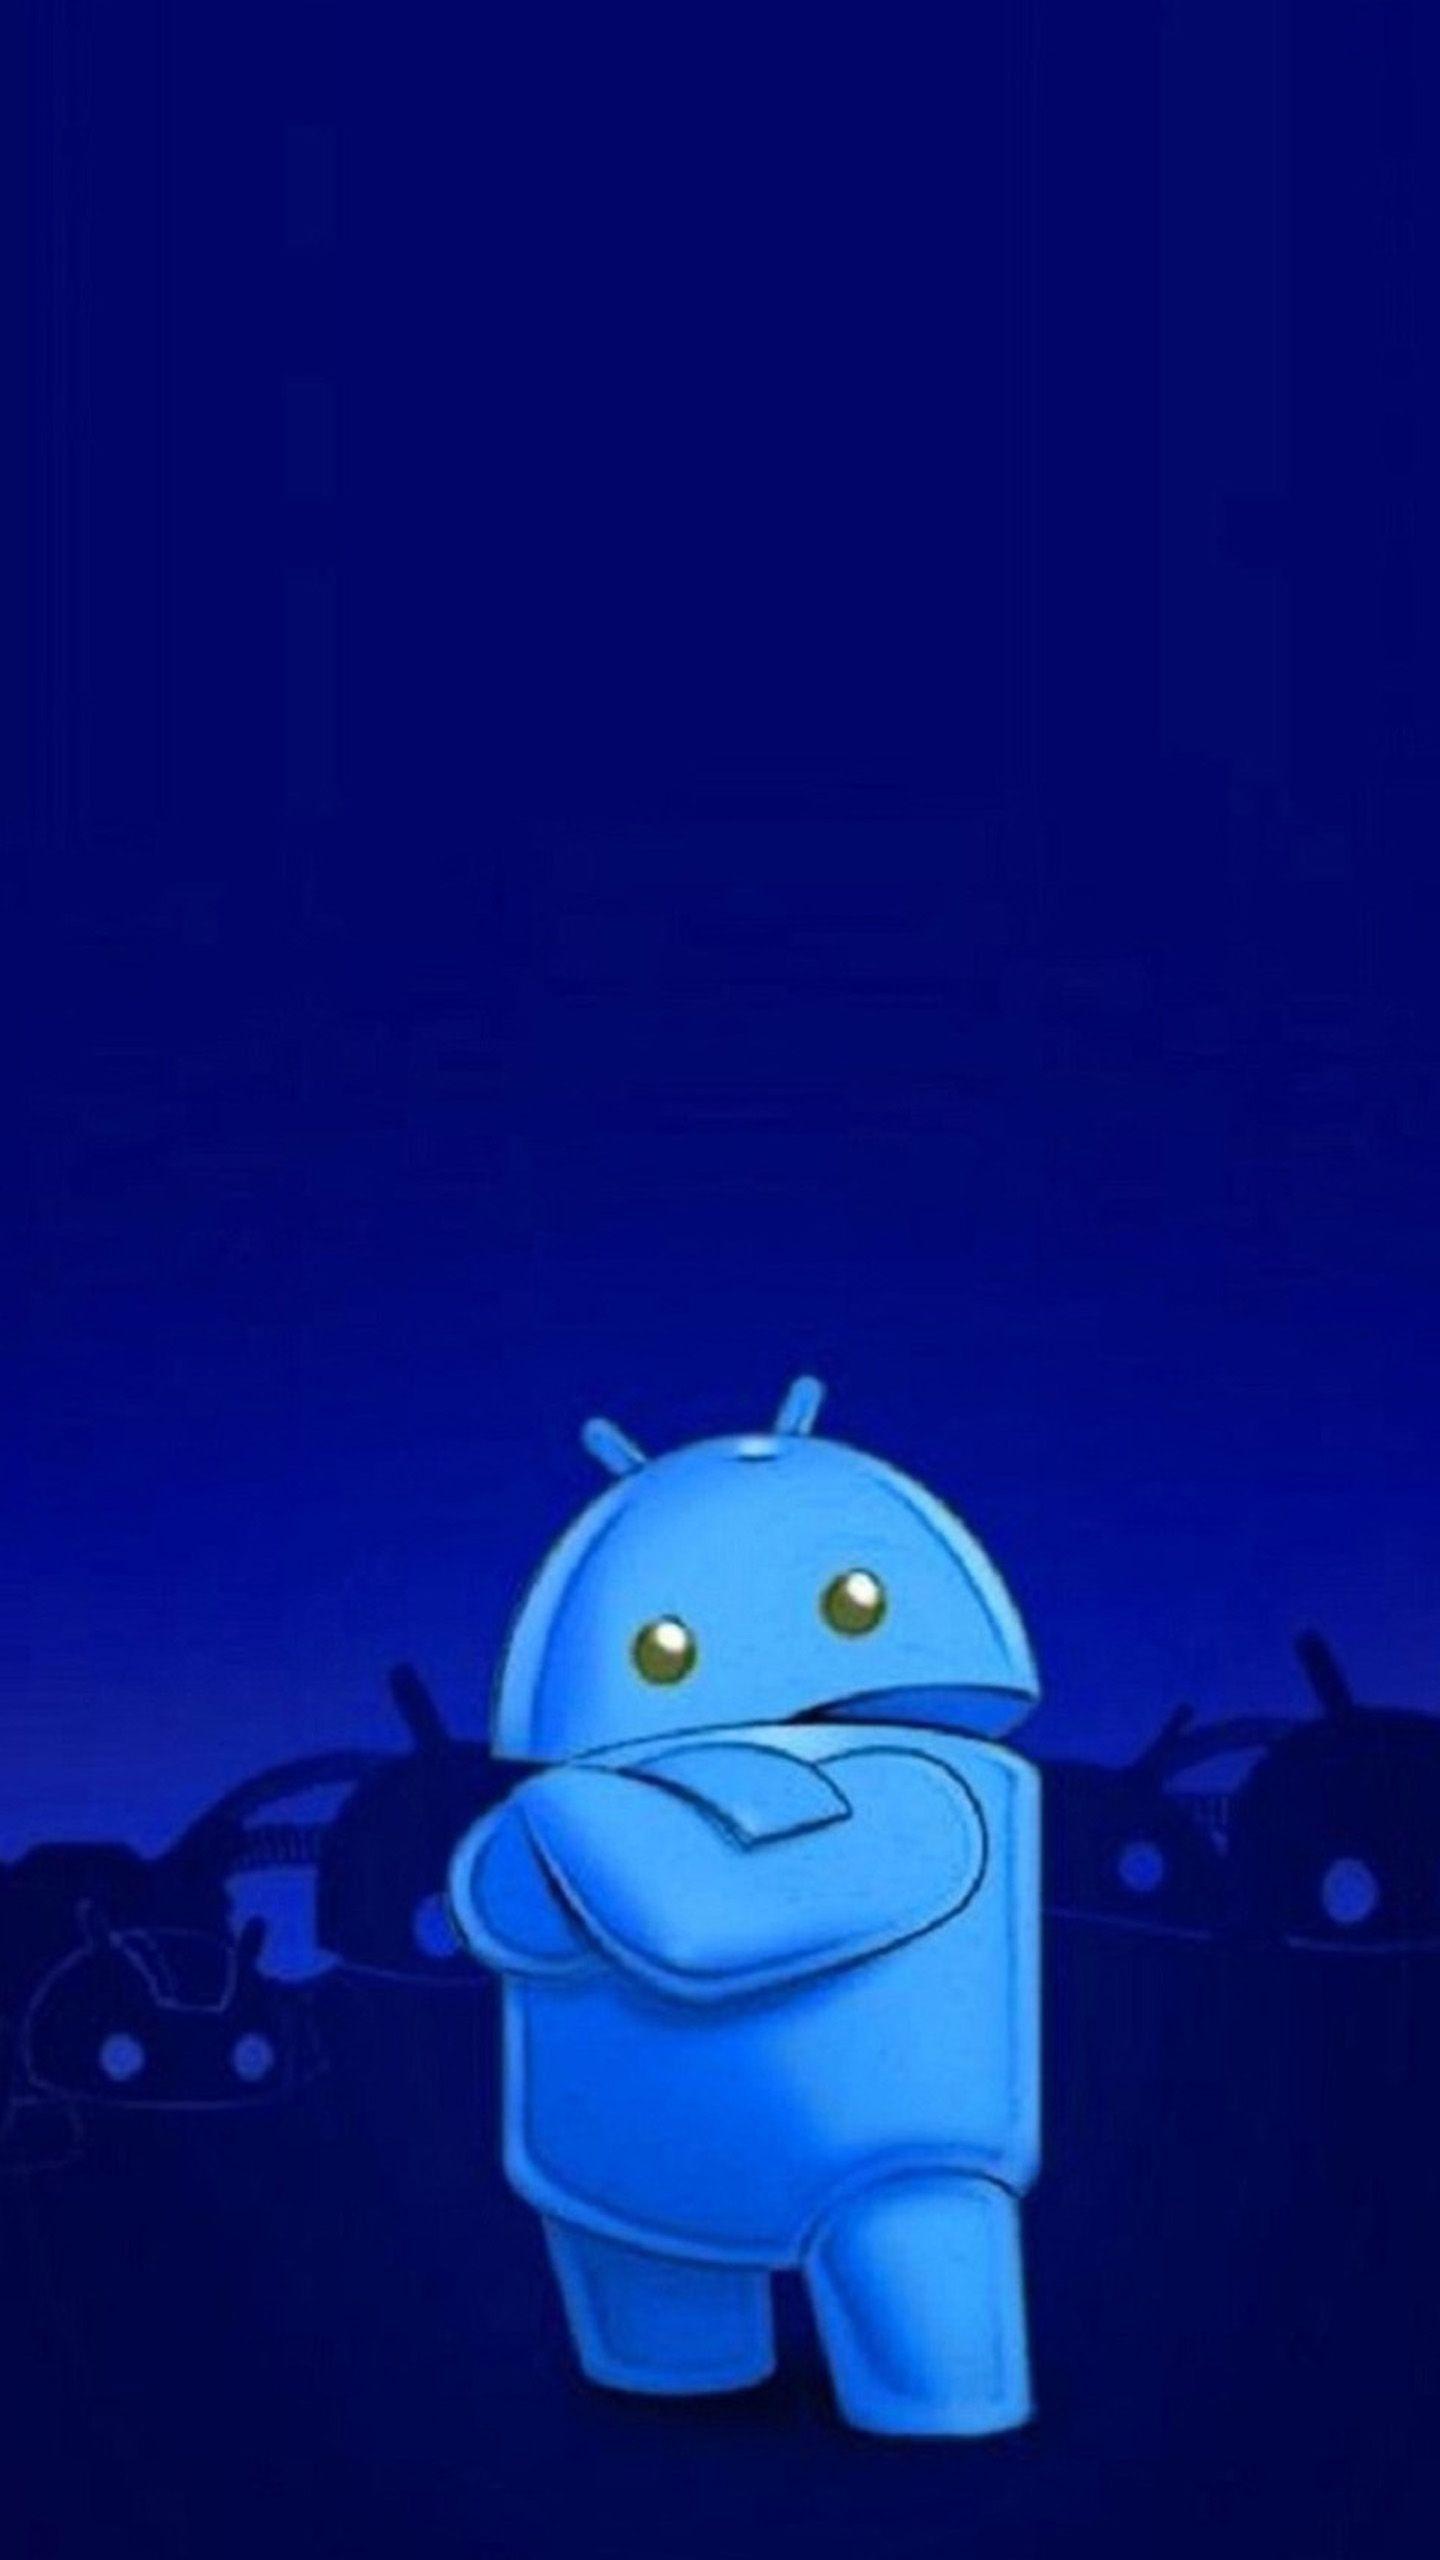 Обои На Телефон Андроид Синие